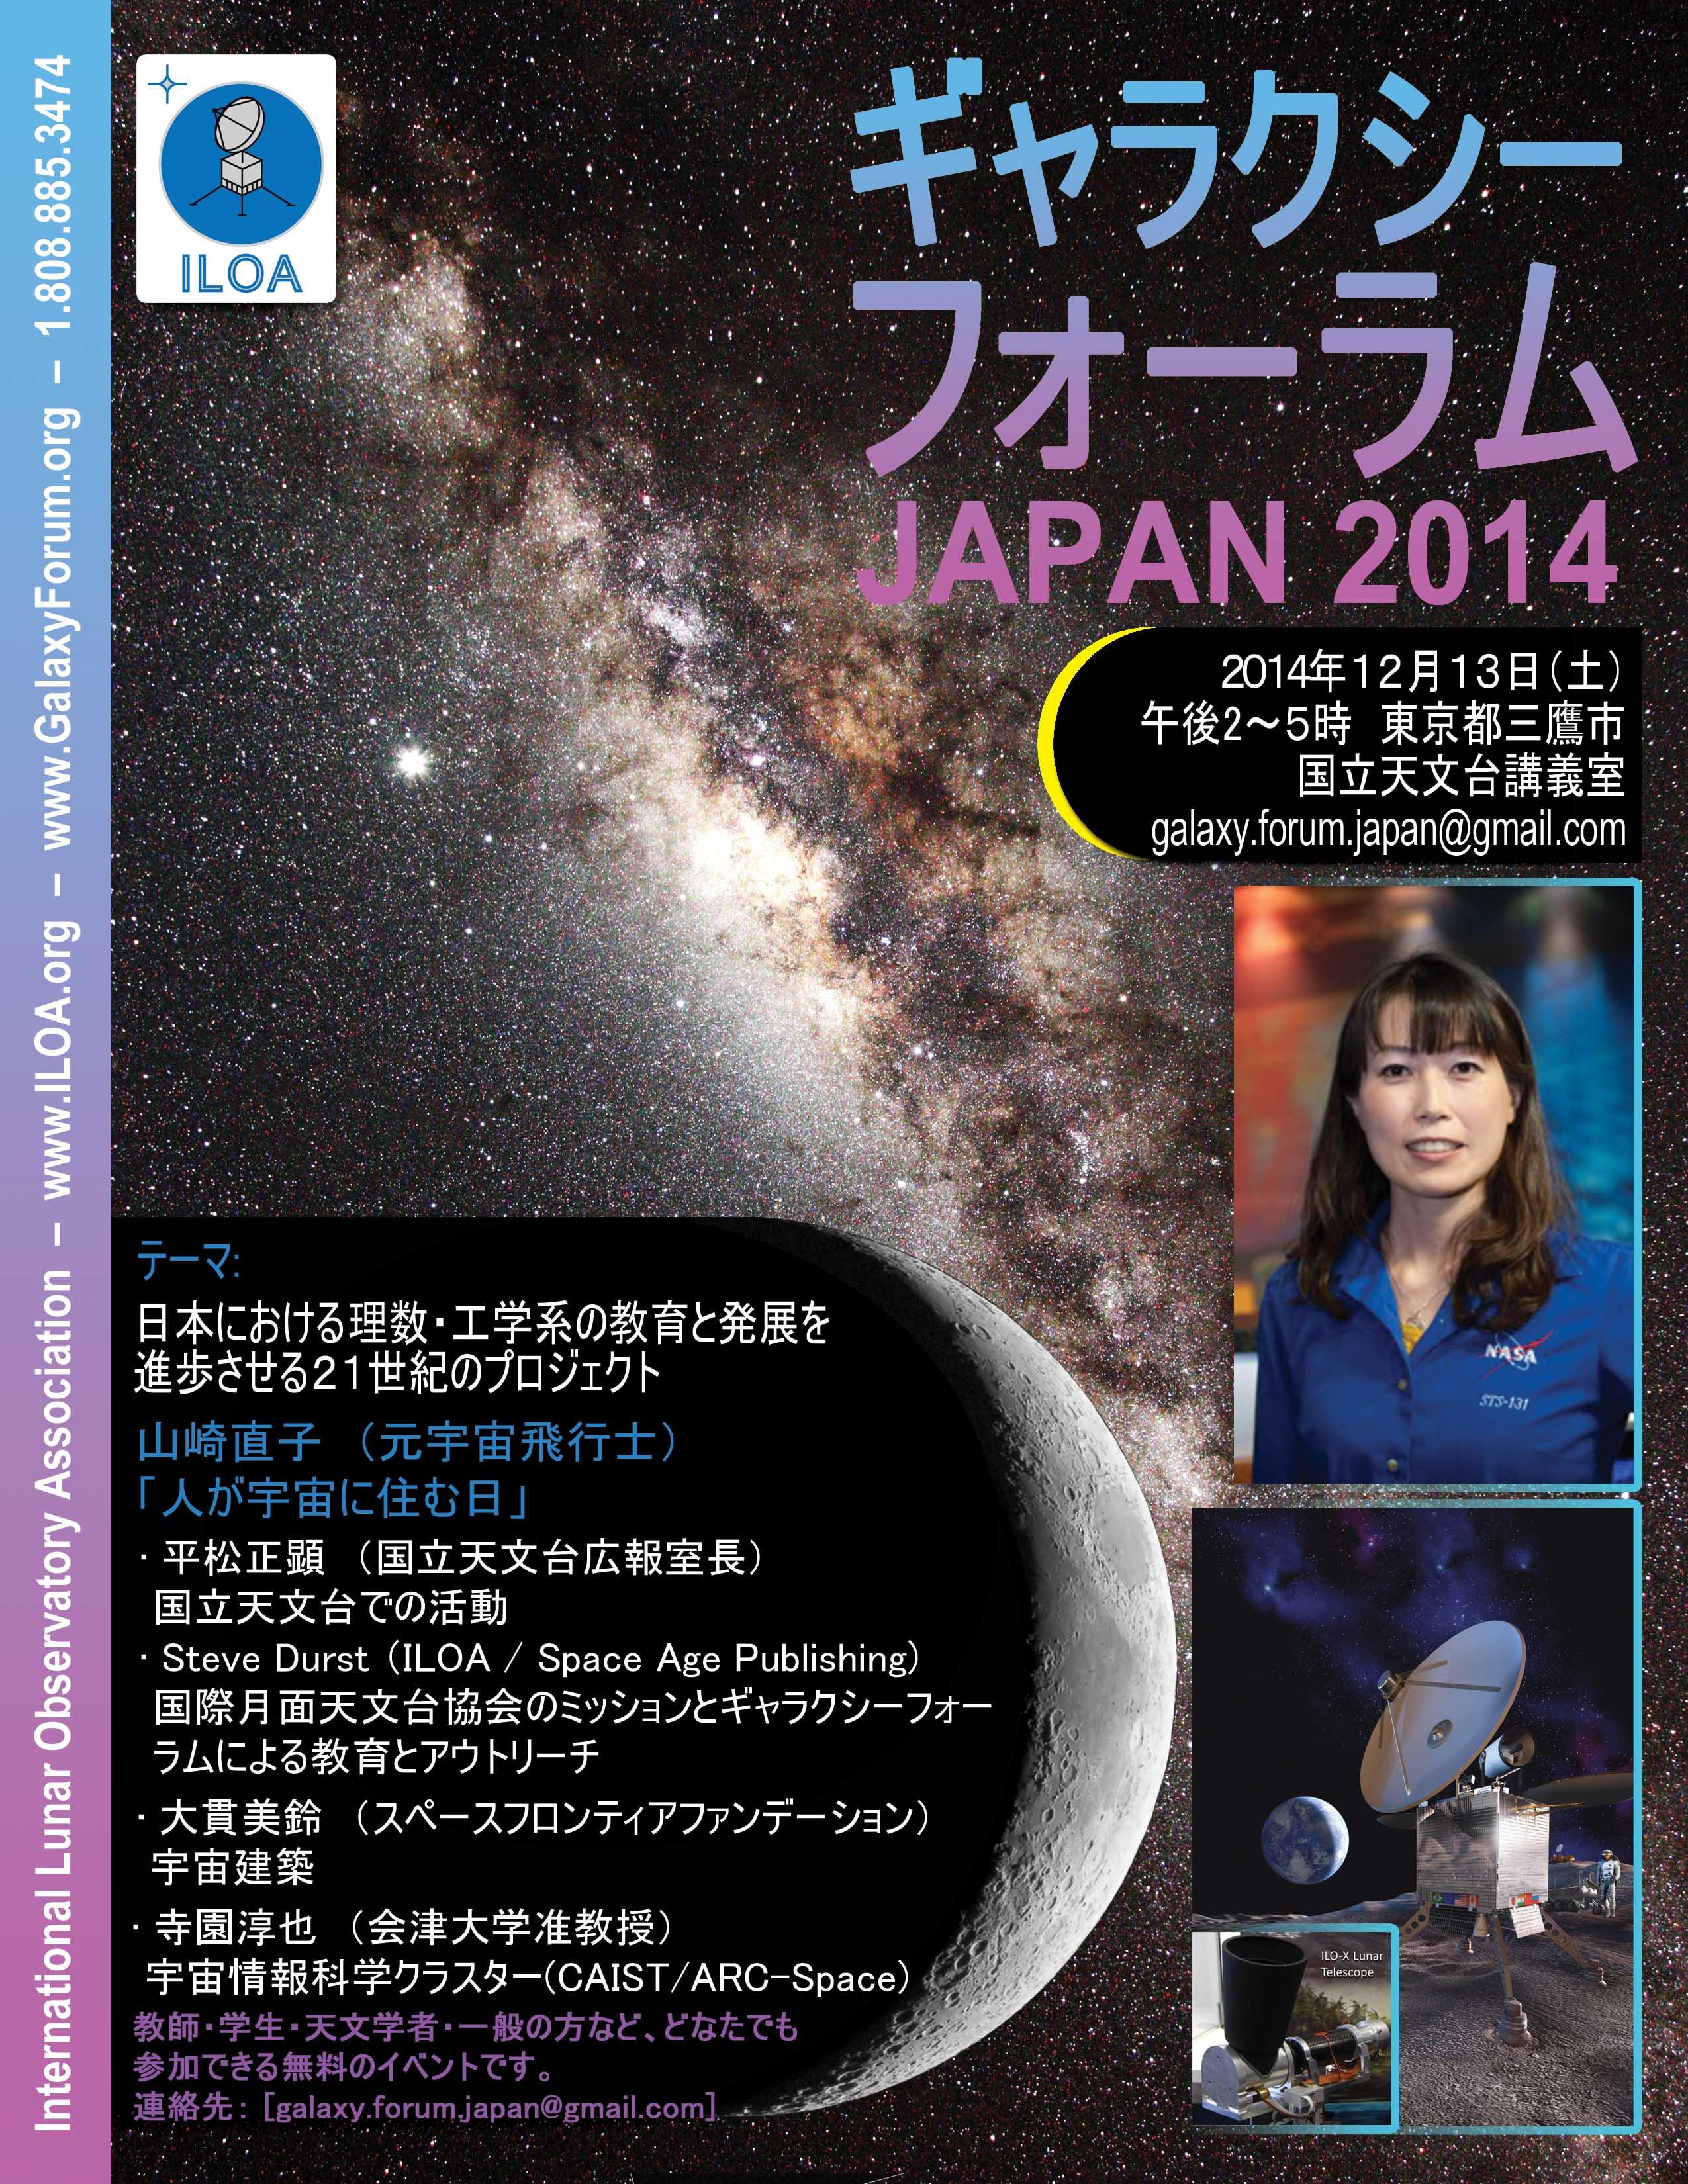 GF Japan 14 - 1st Public Announcement (Japanese) FINAL